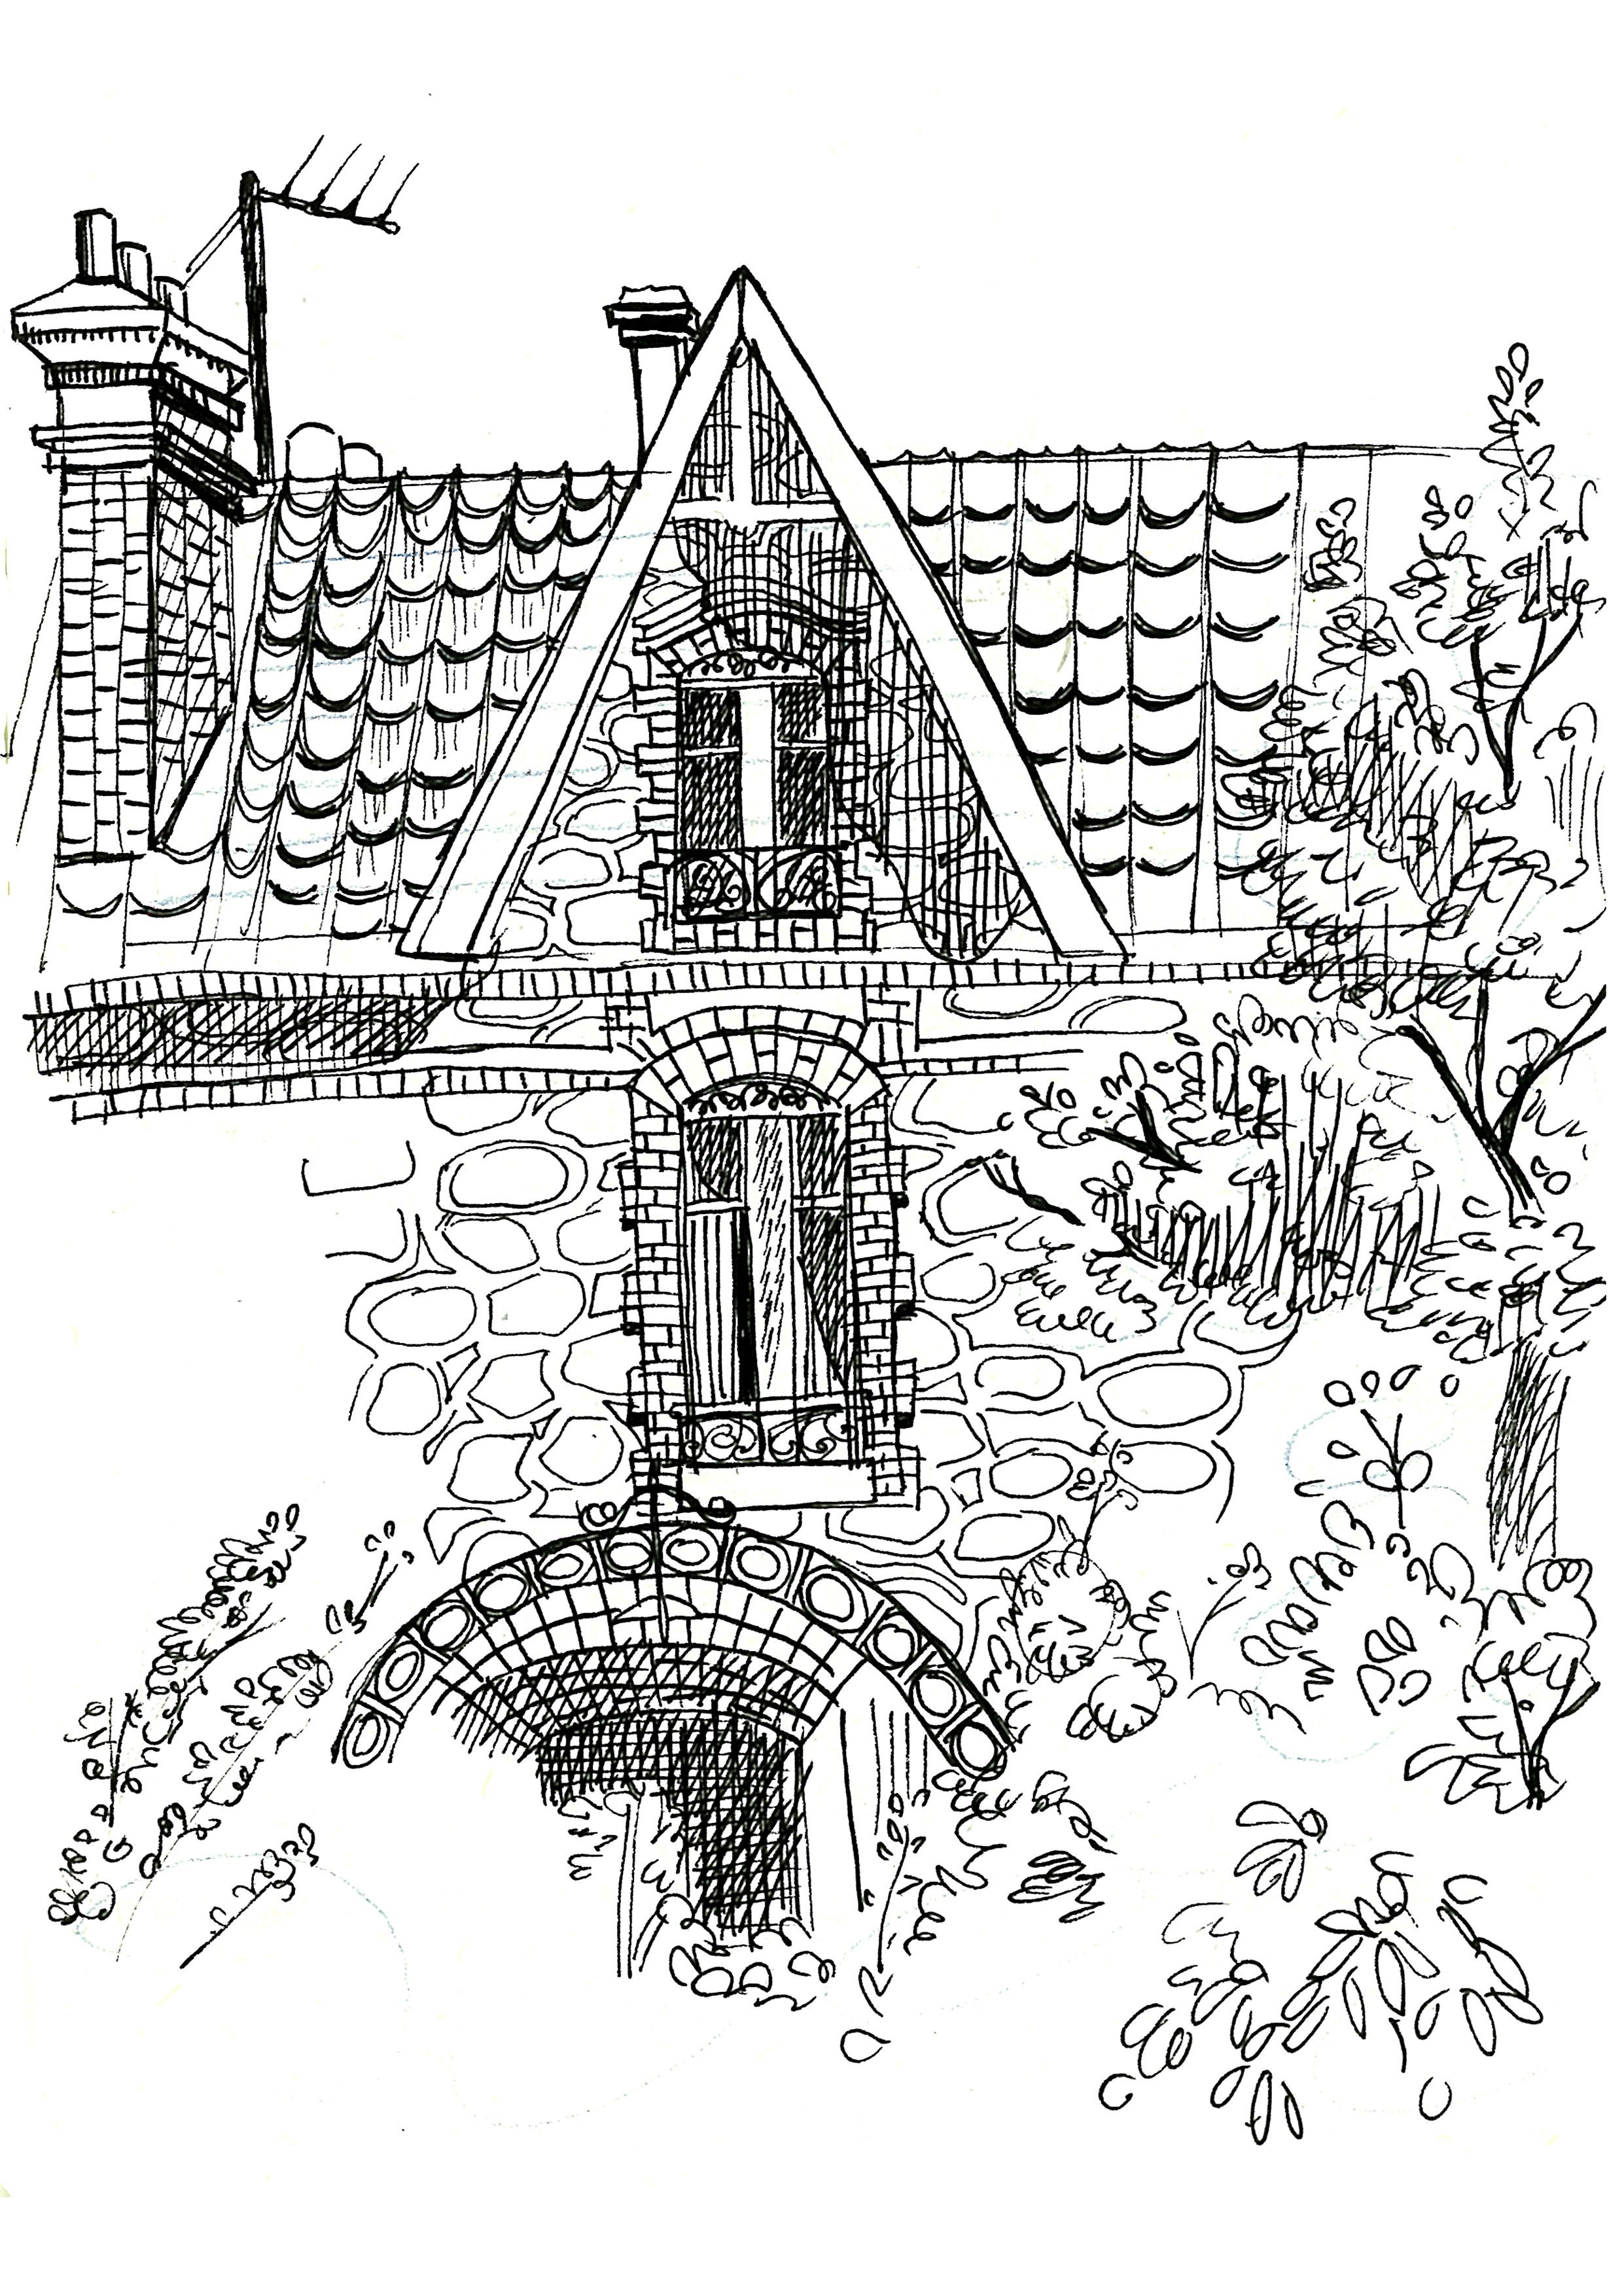 Croquis Pièces Maison : Croquis dessin maison solutions pour la décoration